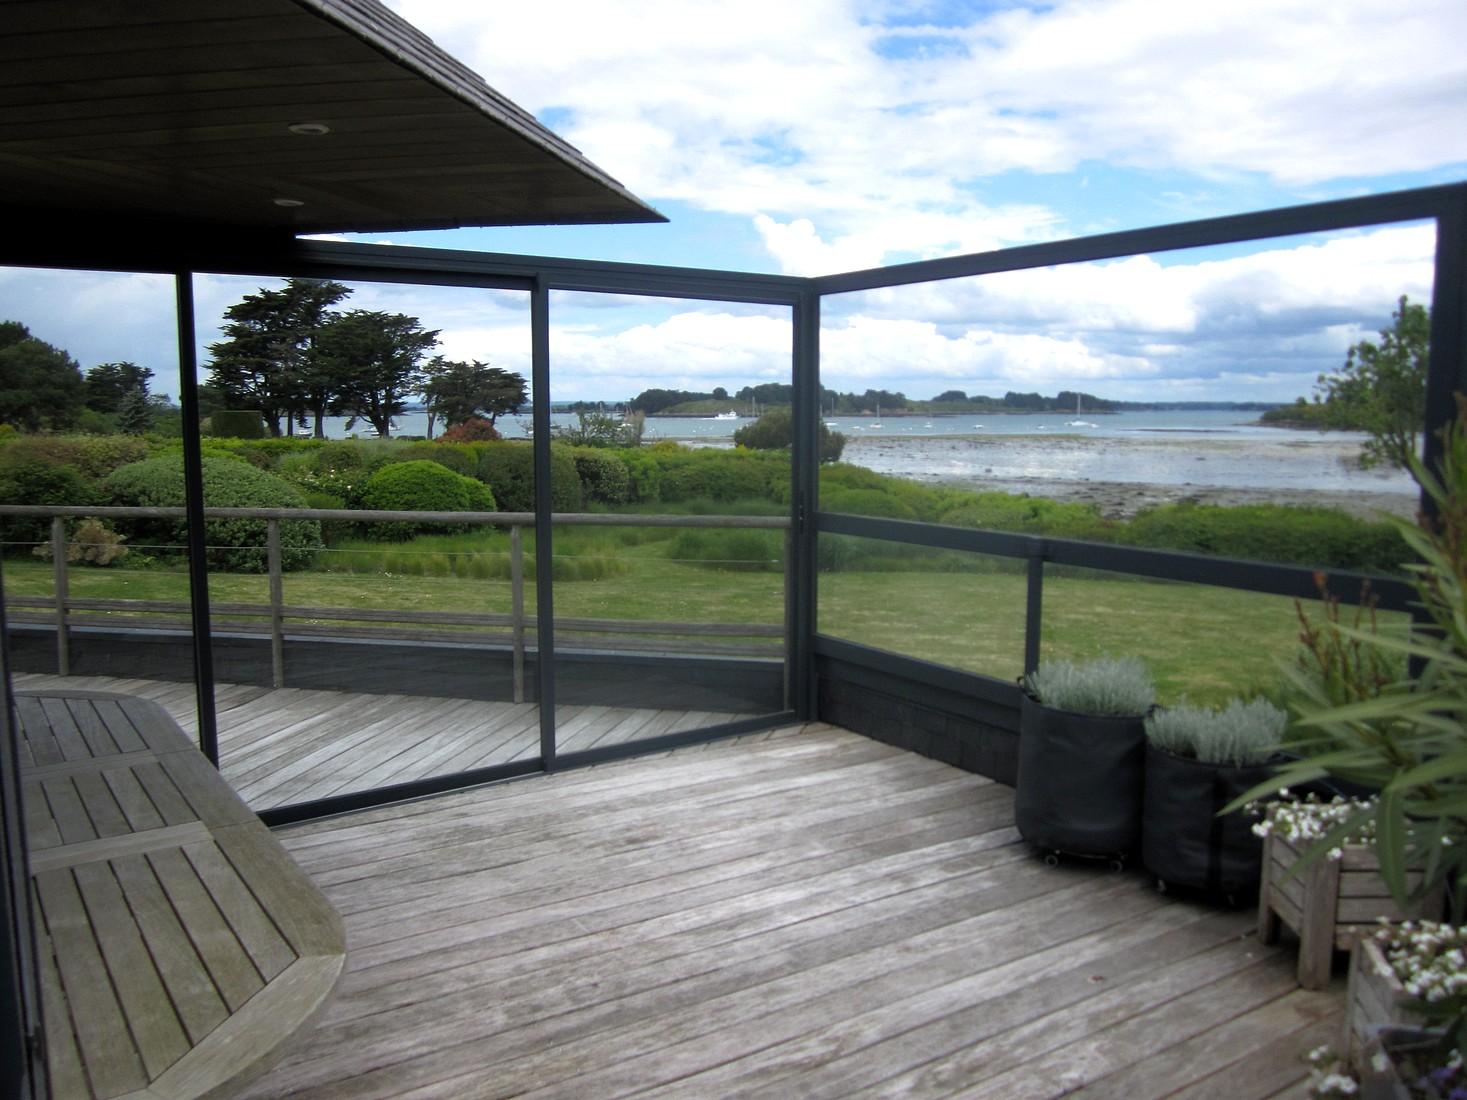 coupe vents bor al ouvertures sarzeau surzur et vannes. Black Bedroom Furniture Sets. Home Design Ideas